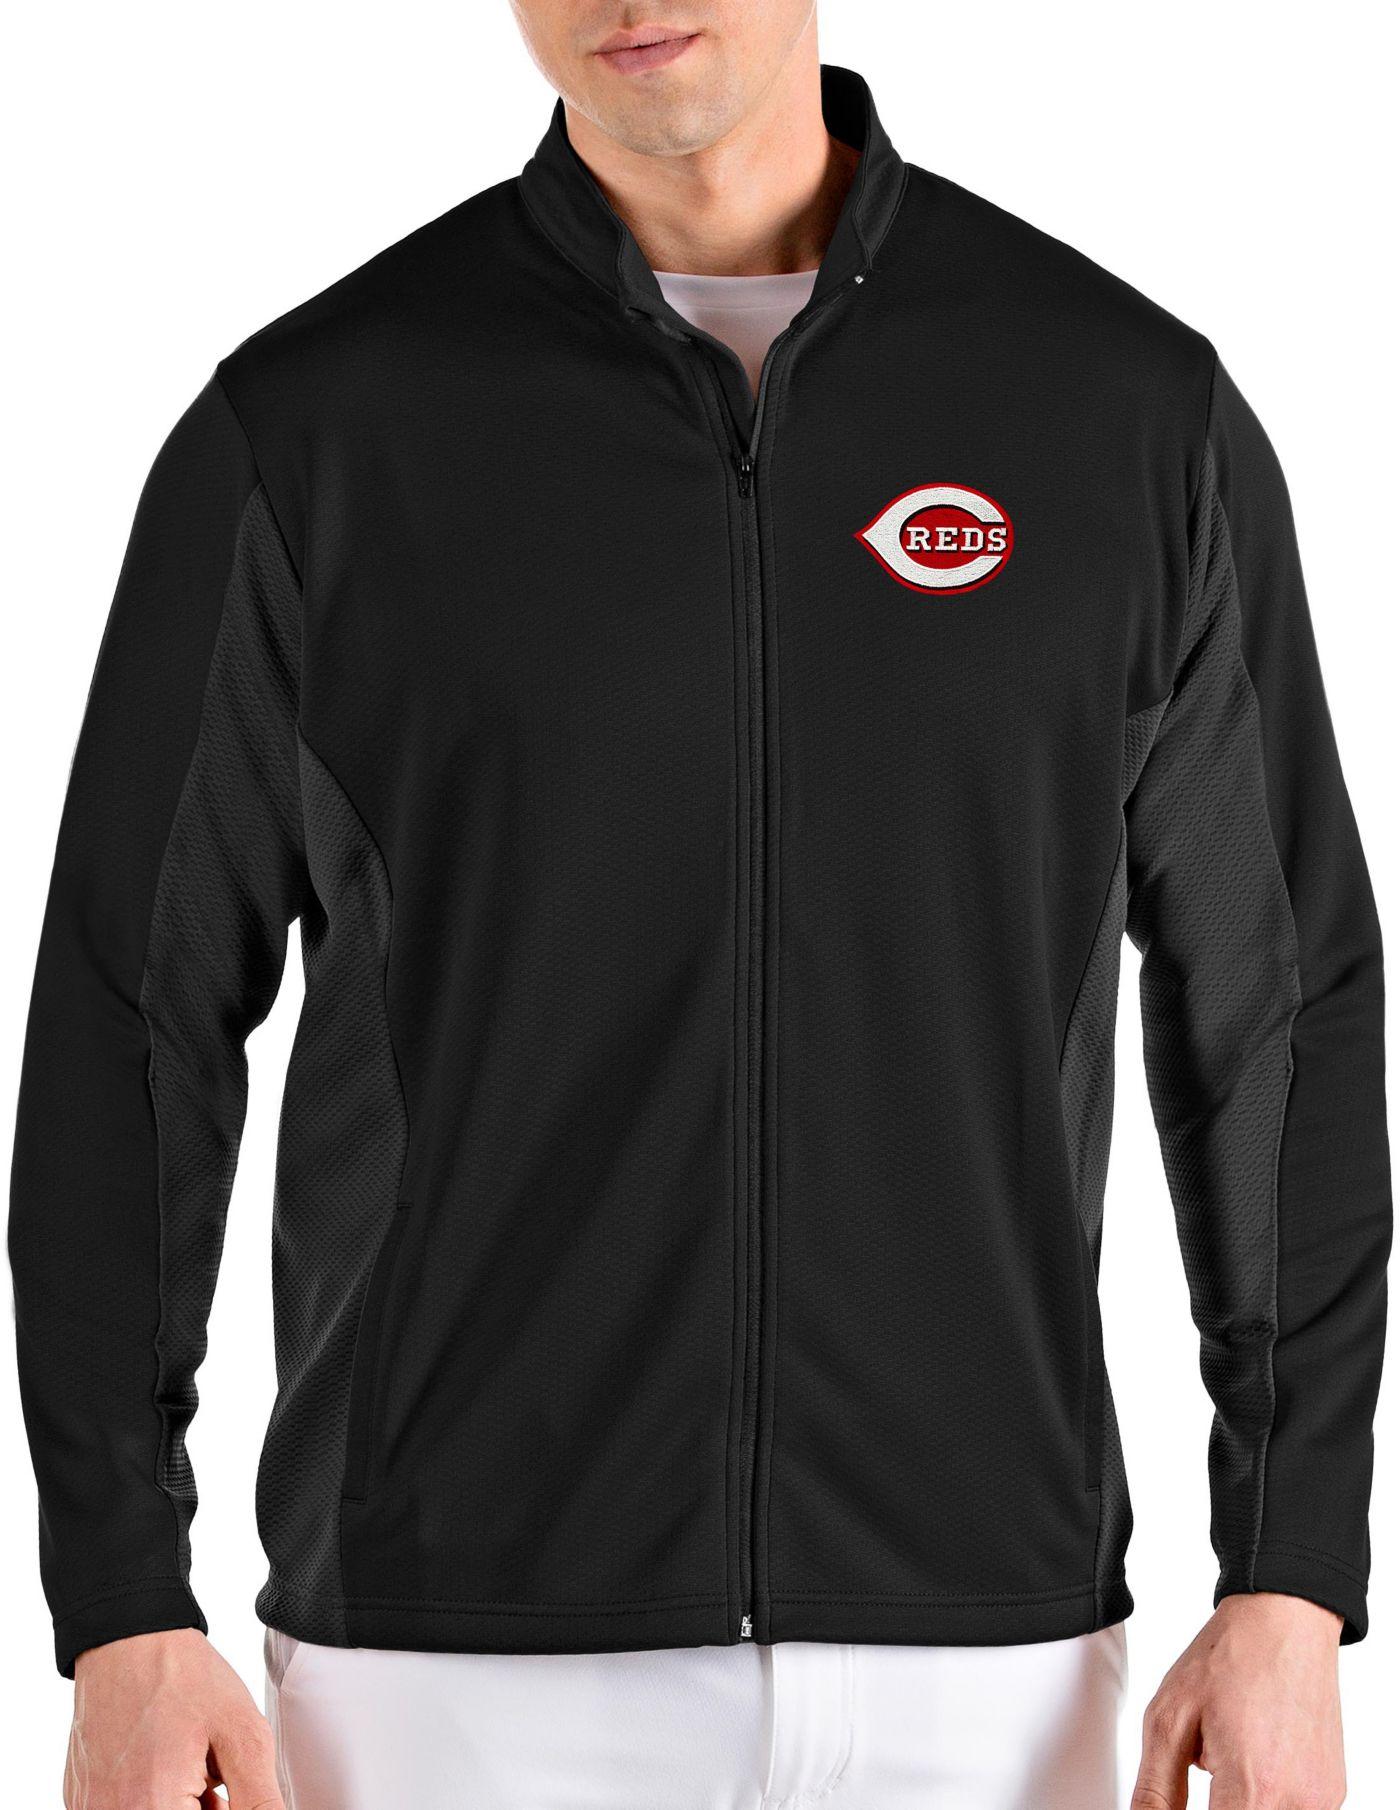 Antigua Men's Cincinnati Reds Black Passage Full-Zip Jacket